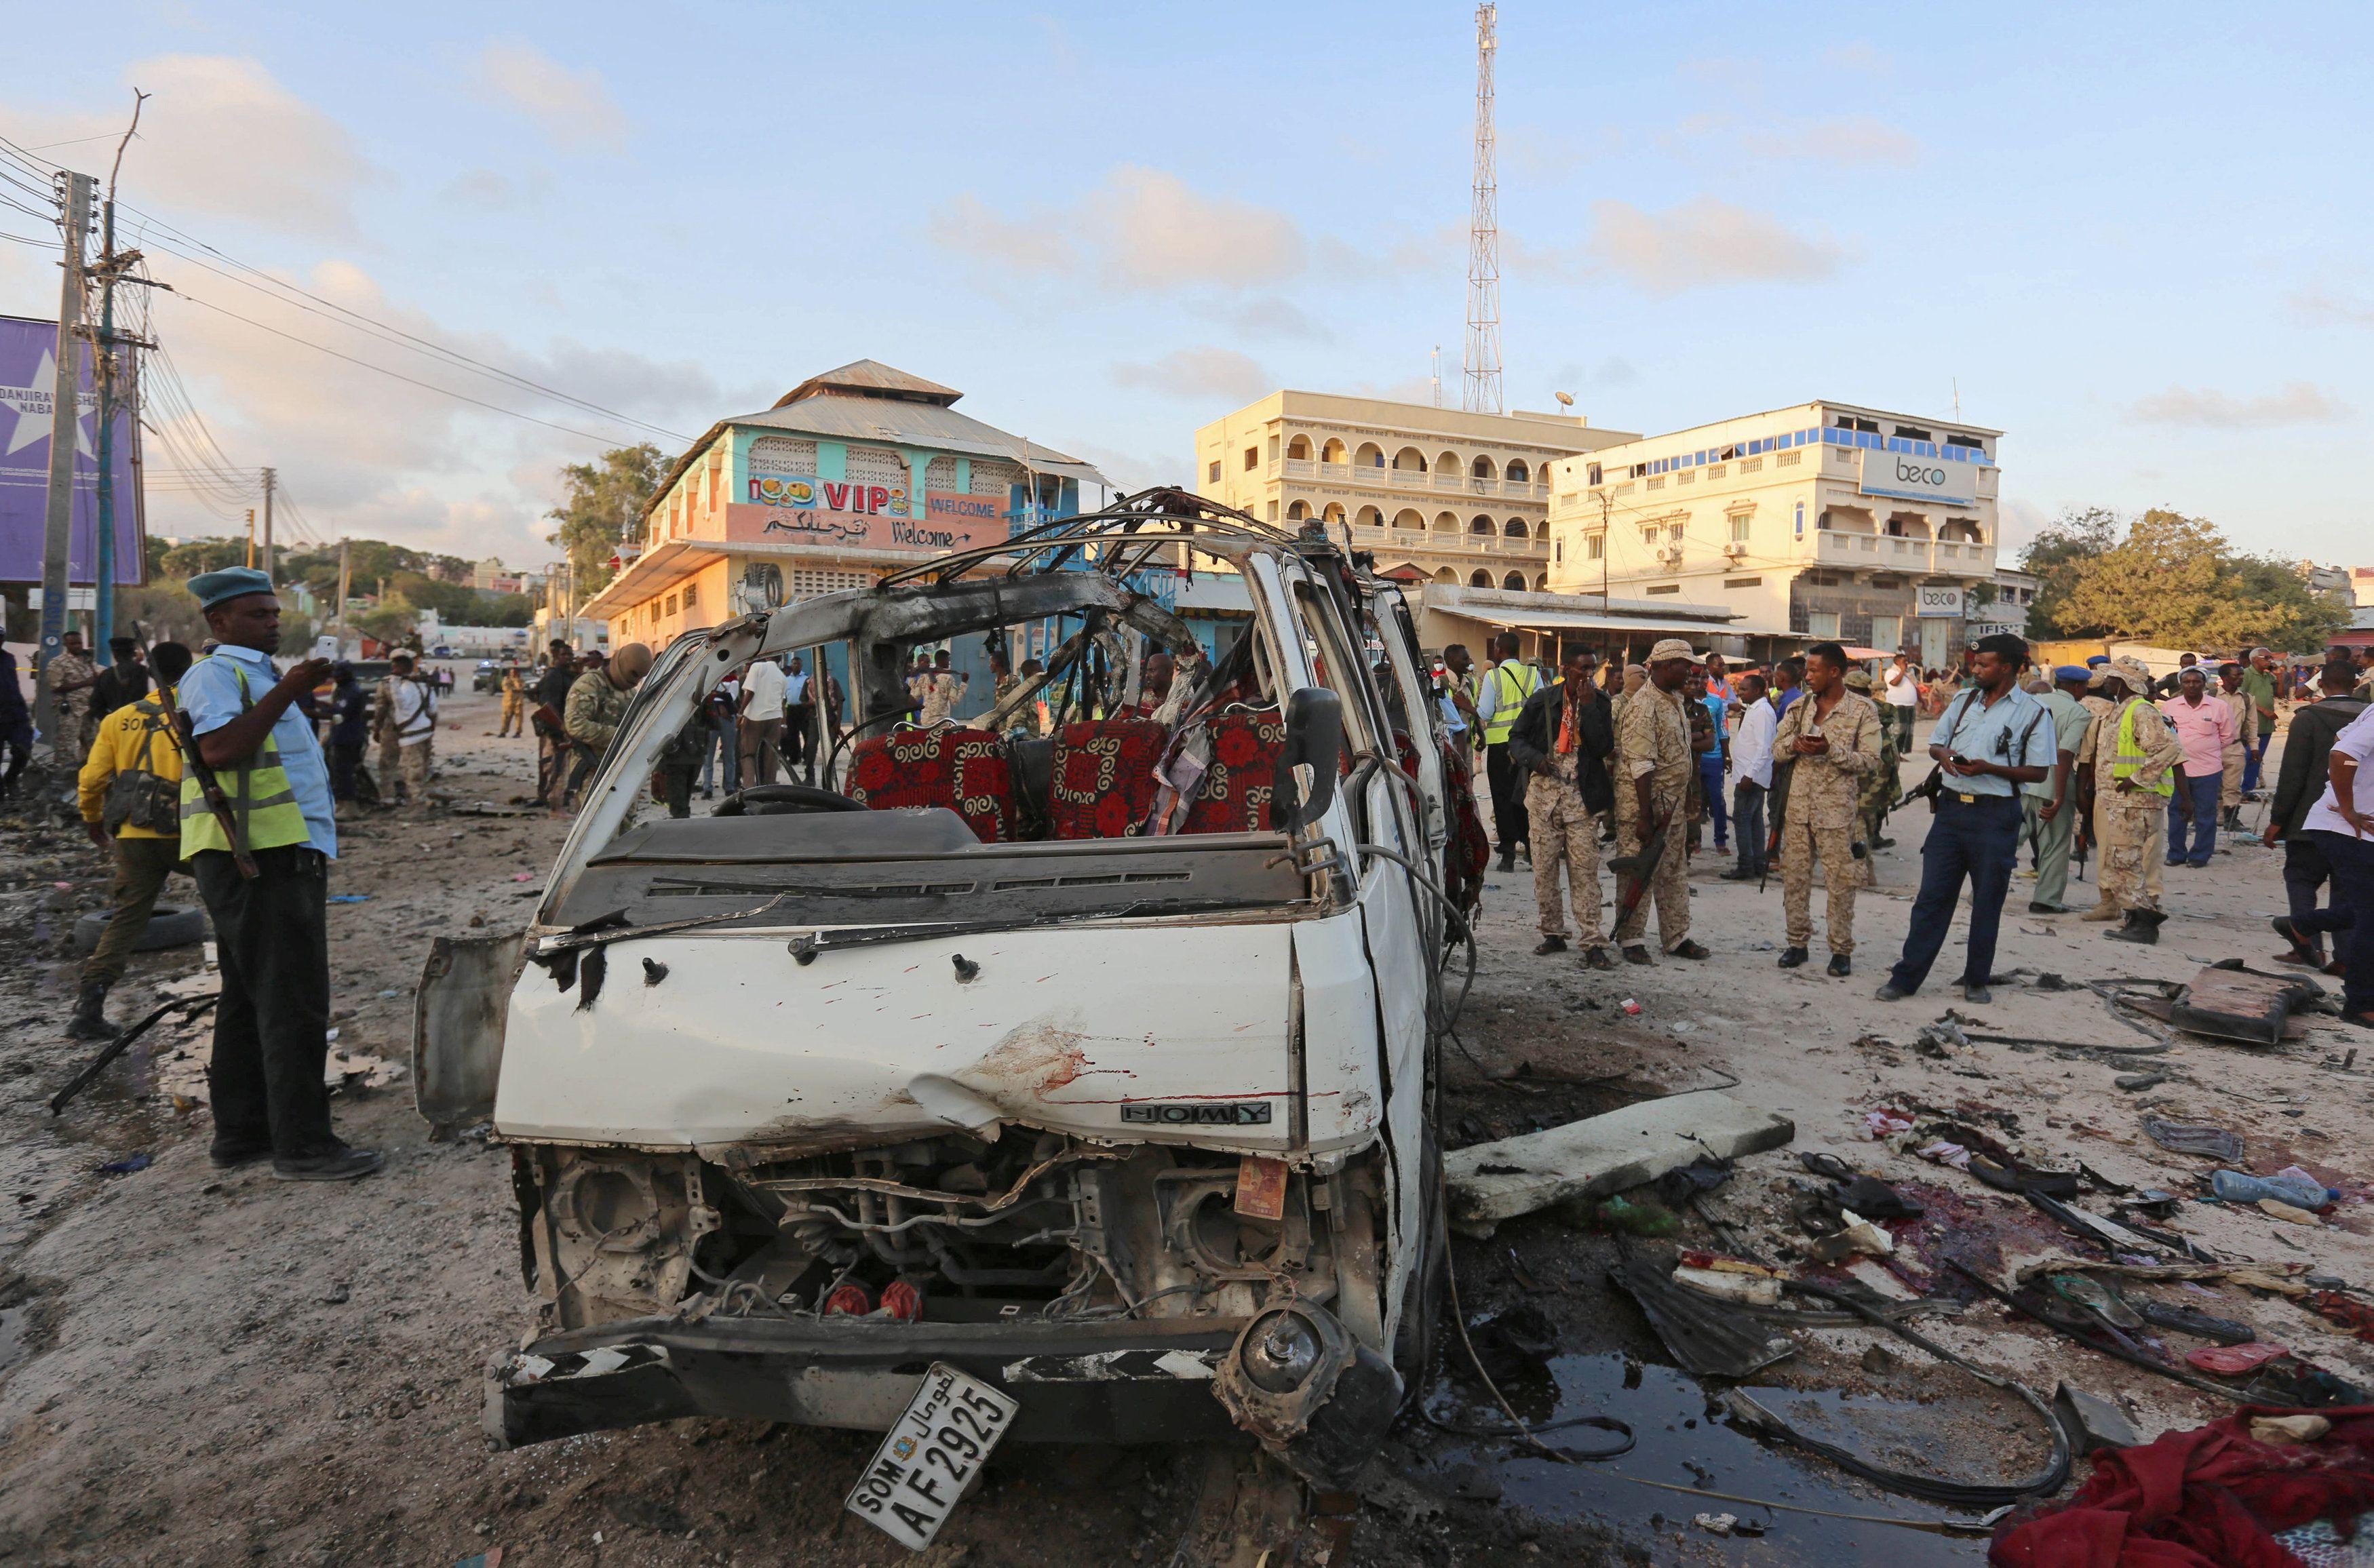 Взорванное авто в Сомали, иллюстрация